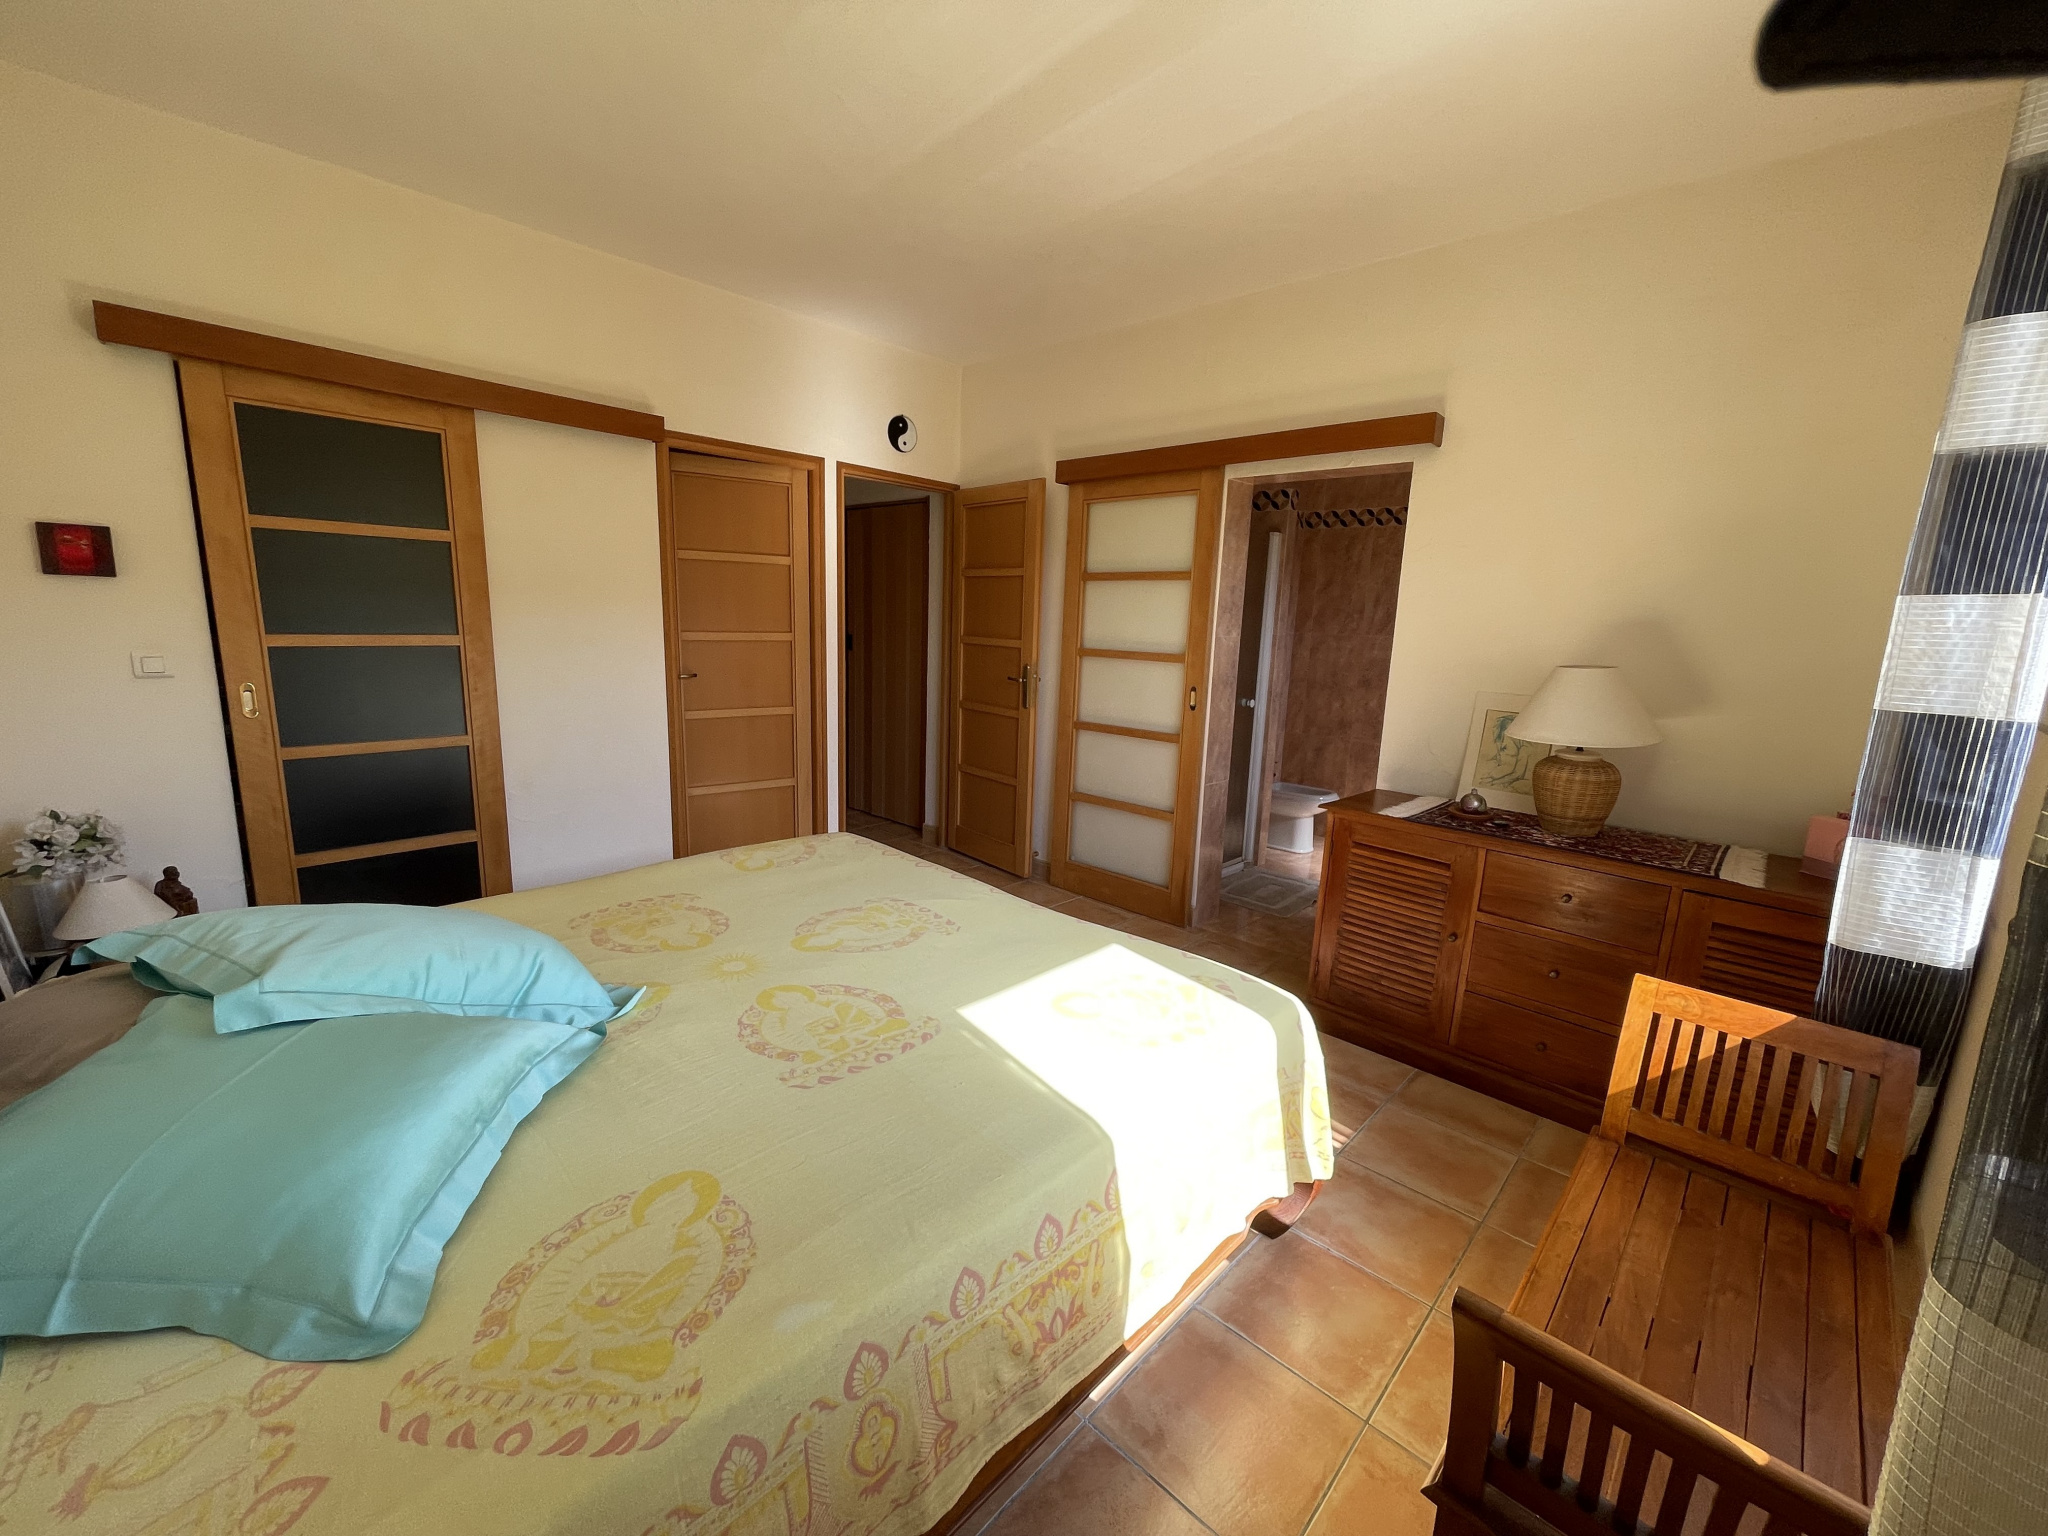 À vendre maison/villa de 124m2 à argeles sur mer (66700) - Photo 12'